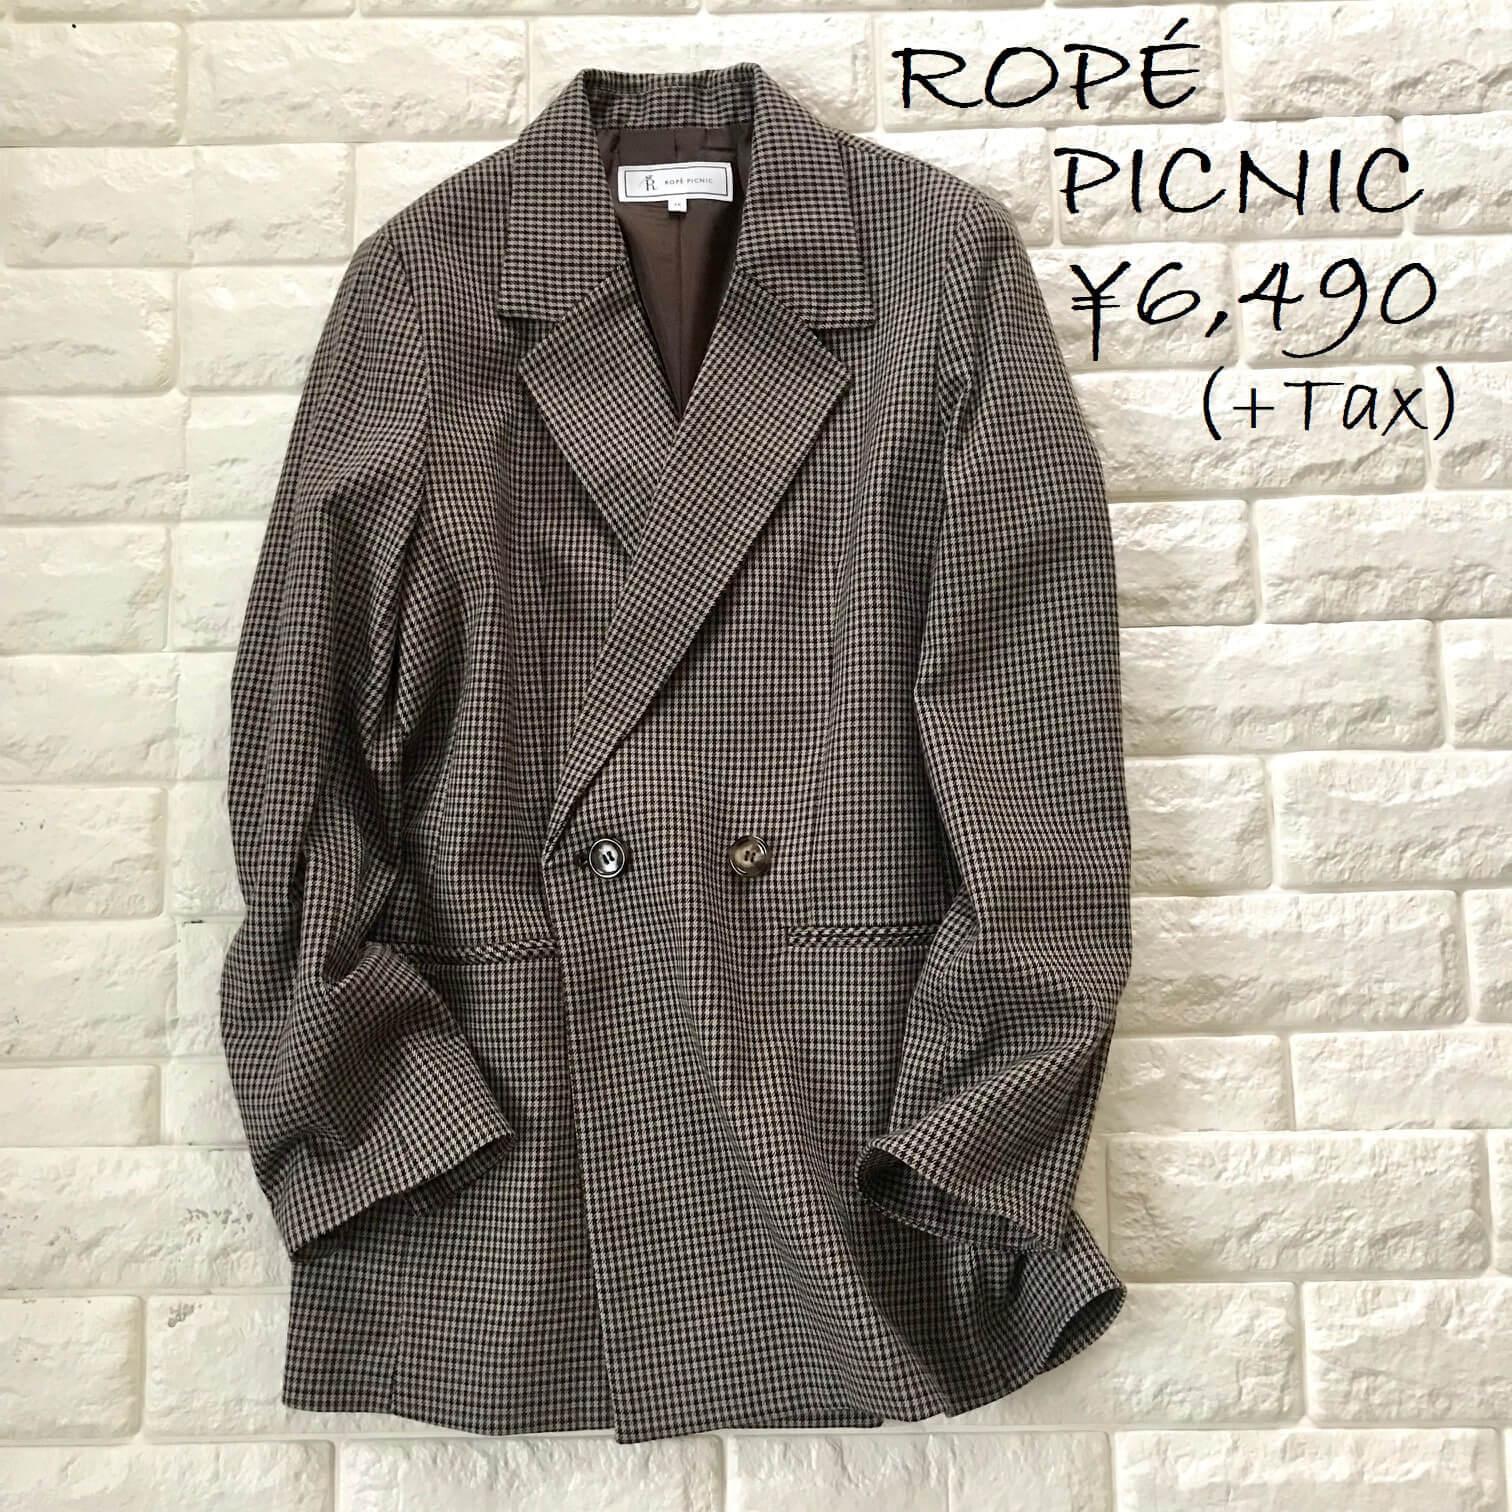 ロペピクニックのジャケット画像